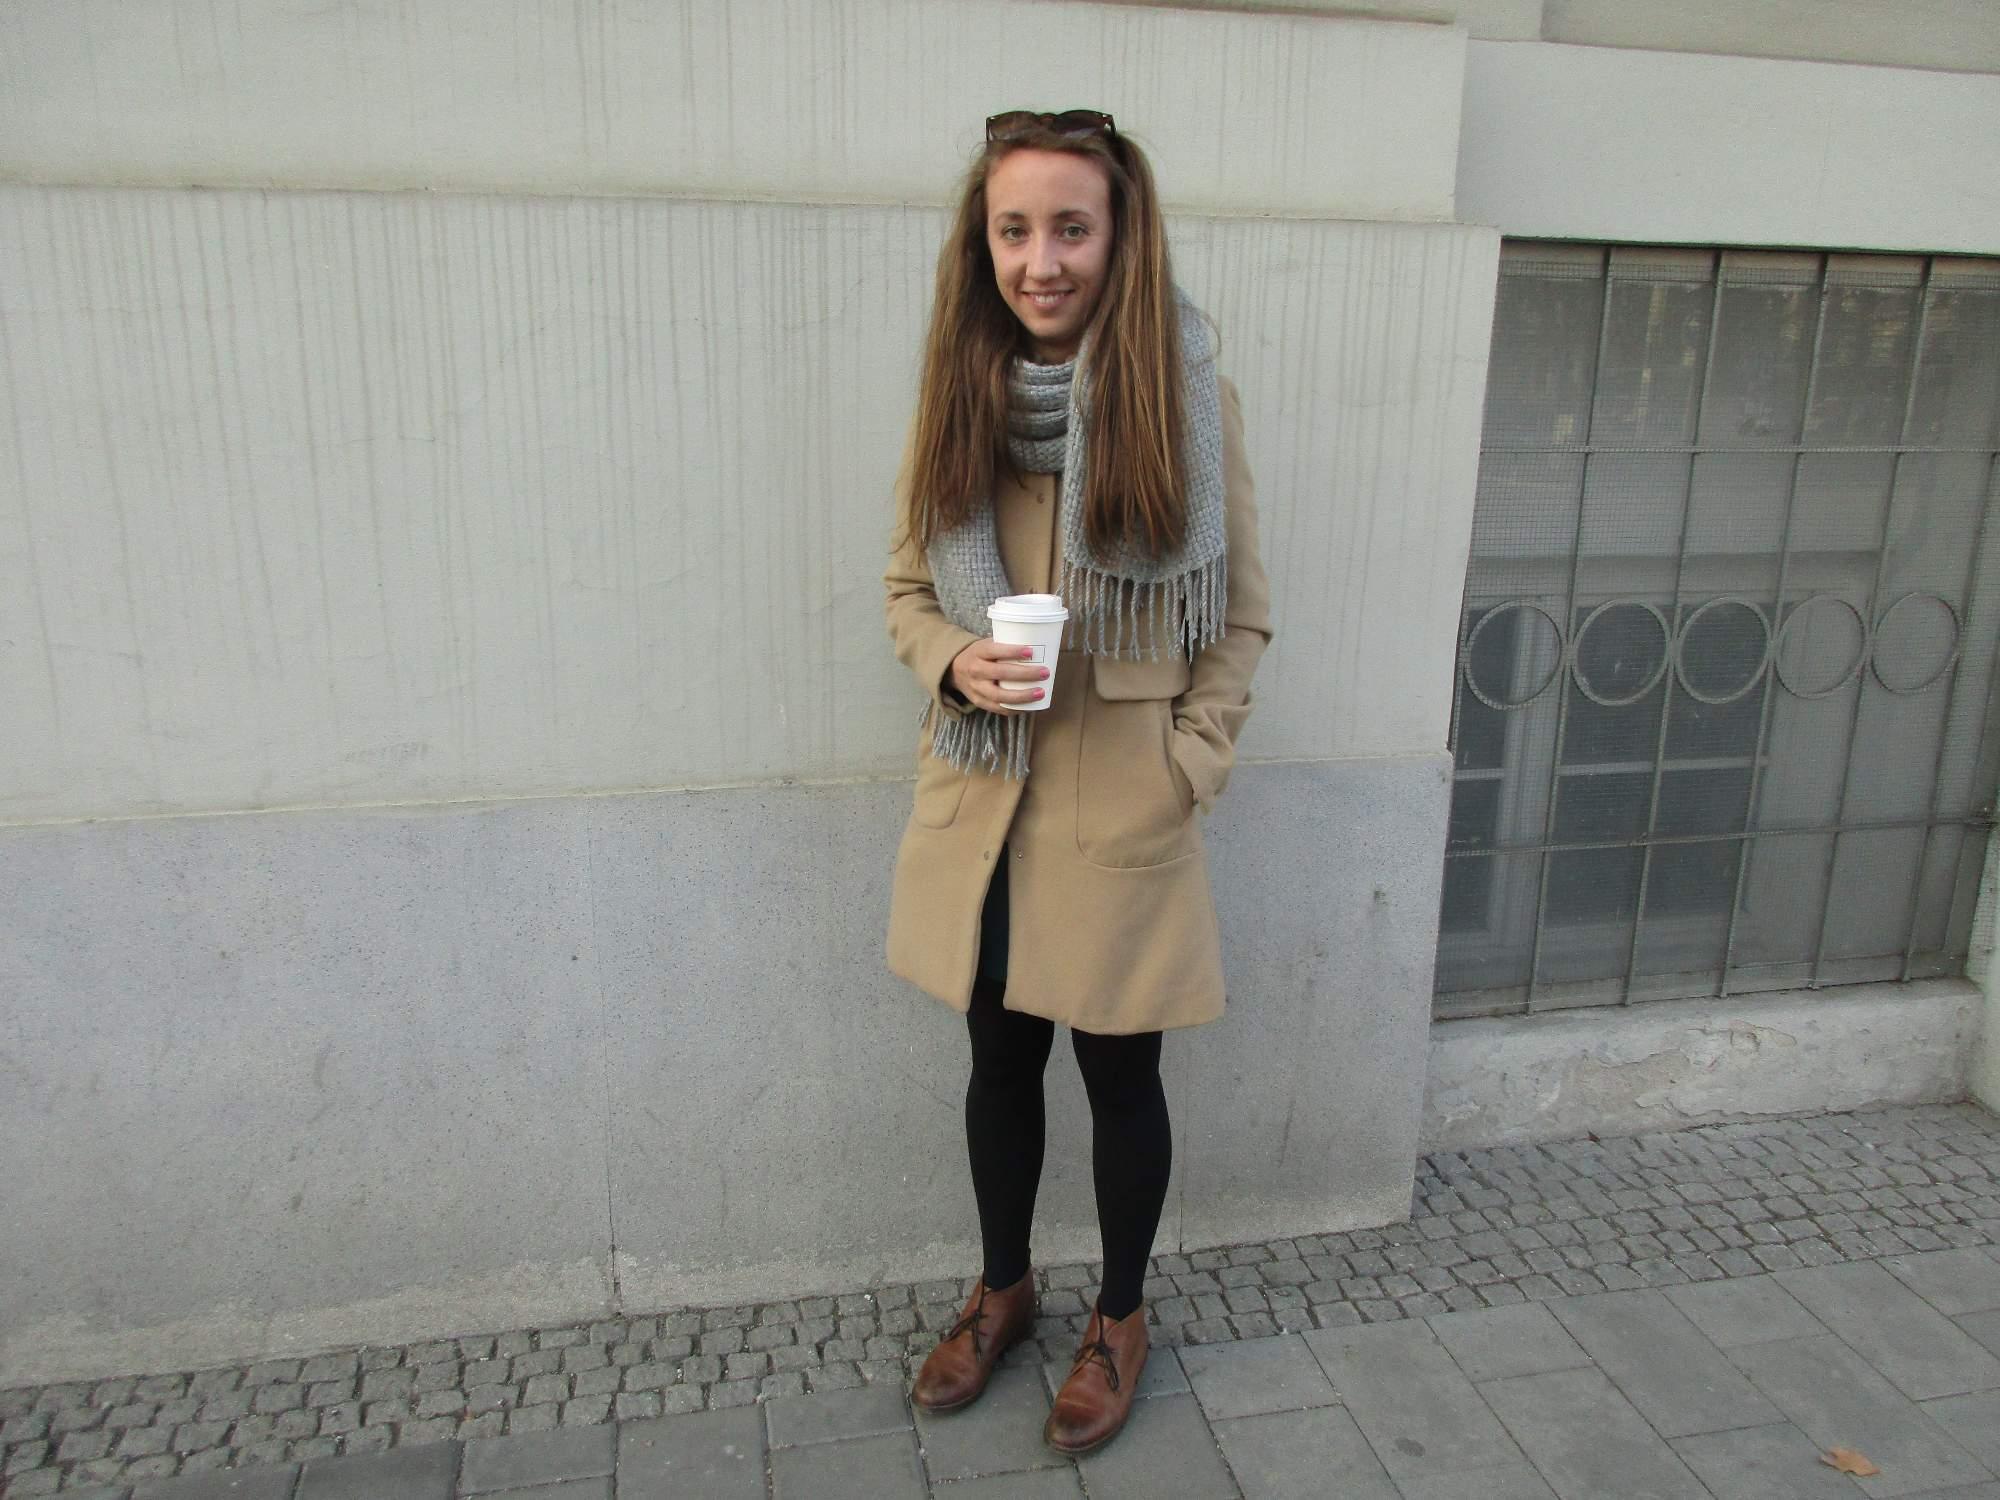 Iva Drobná dobrovolničí už přes dva roky. Foto: Dominika Sladká